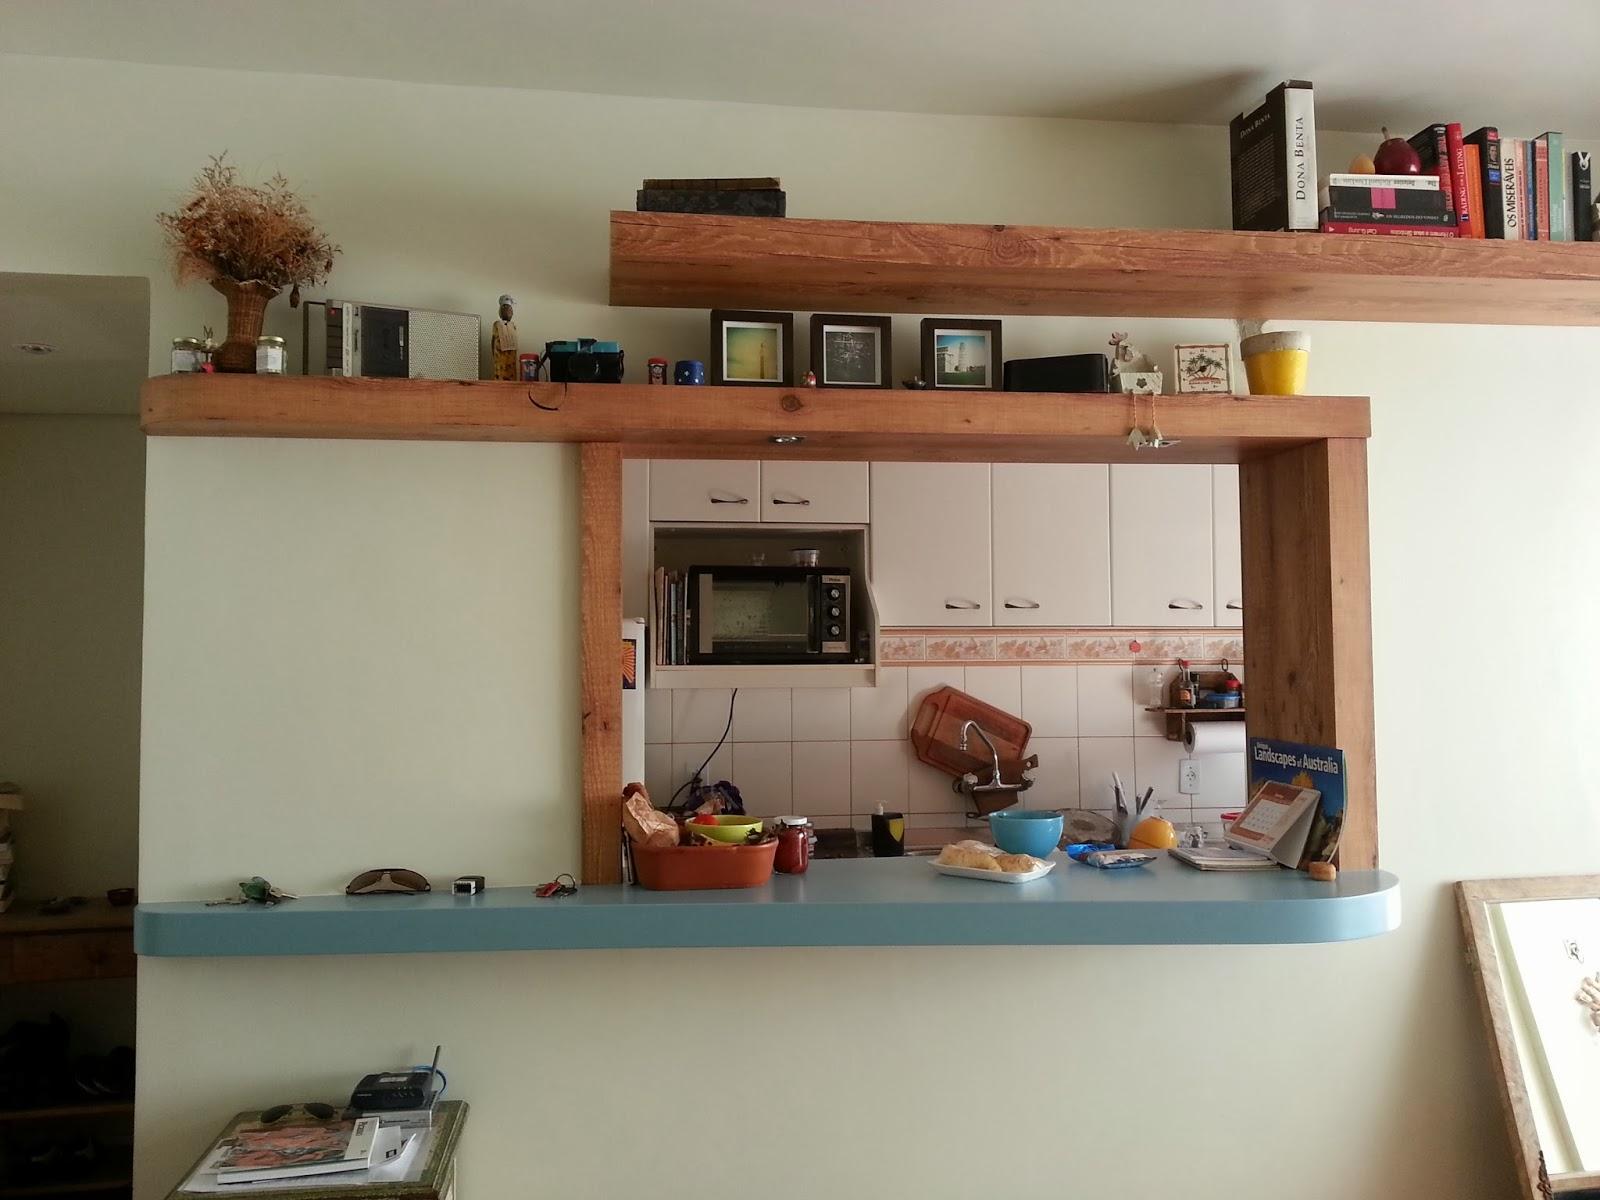 Cozinha americana reforma ~ ARQUITETANDO IDEIAS #925C39 1600 1200